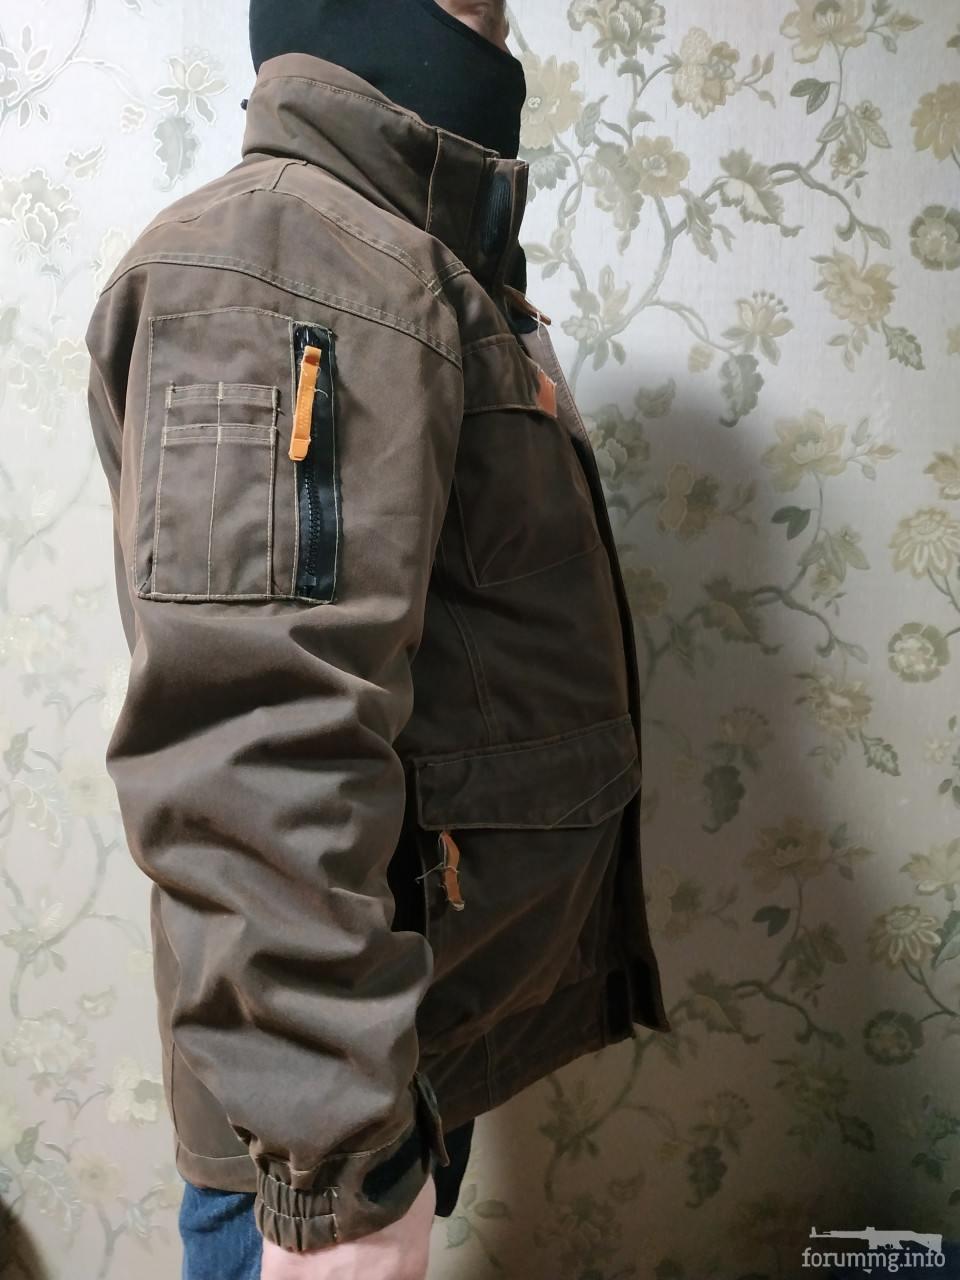 136270 - Трекінгова тепла куртка Iguana